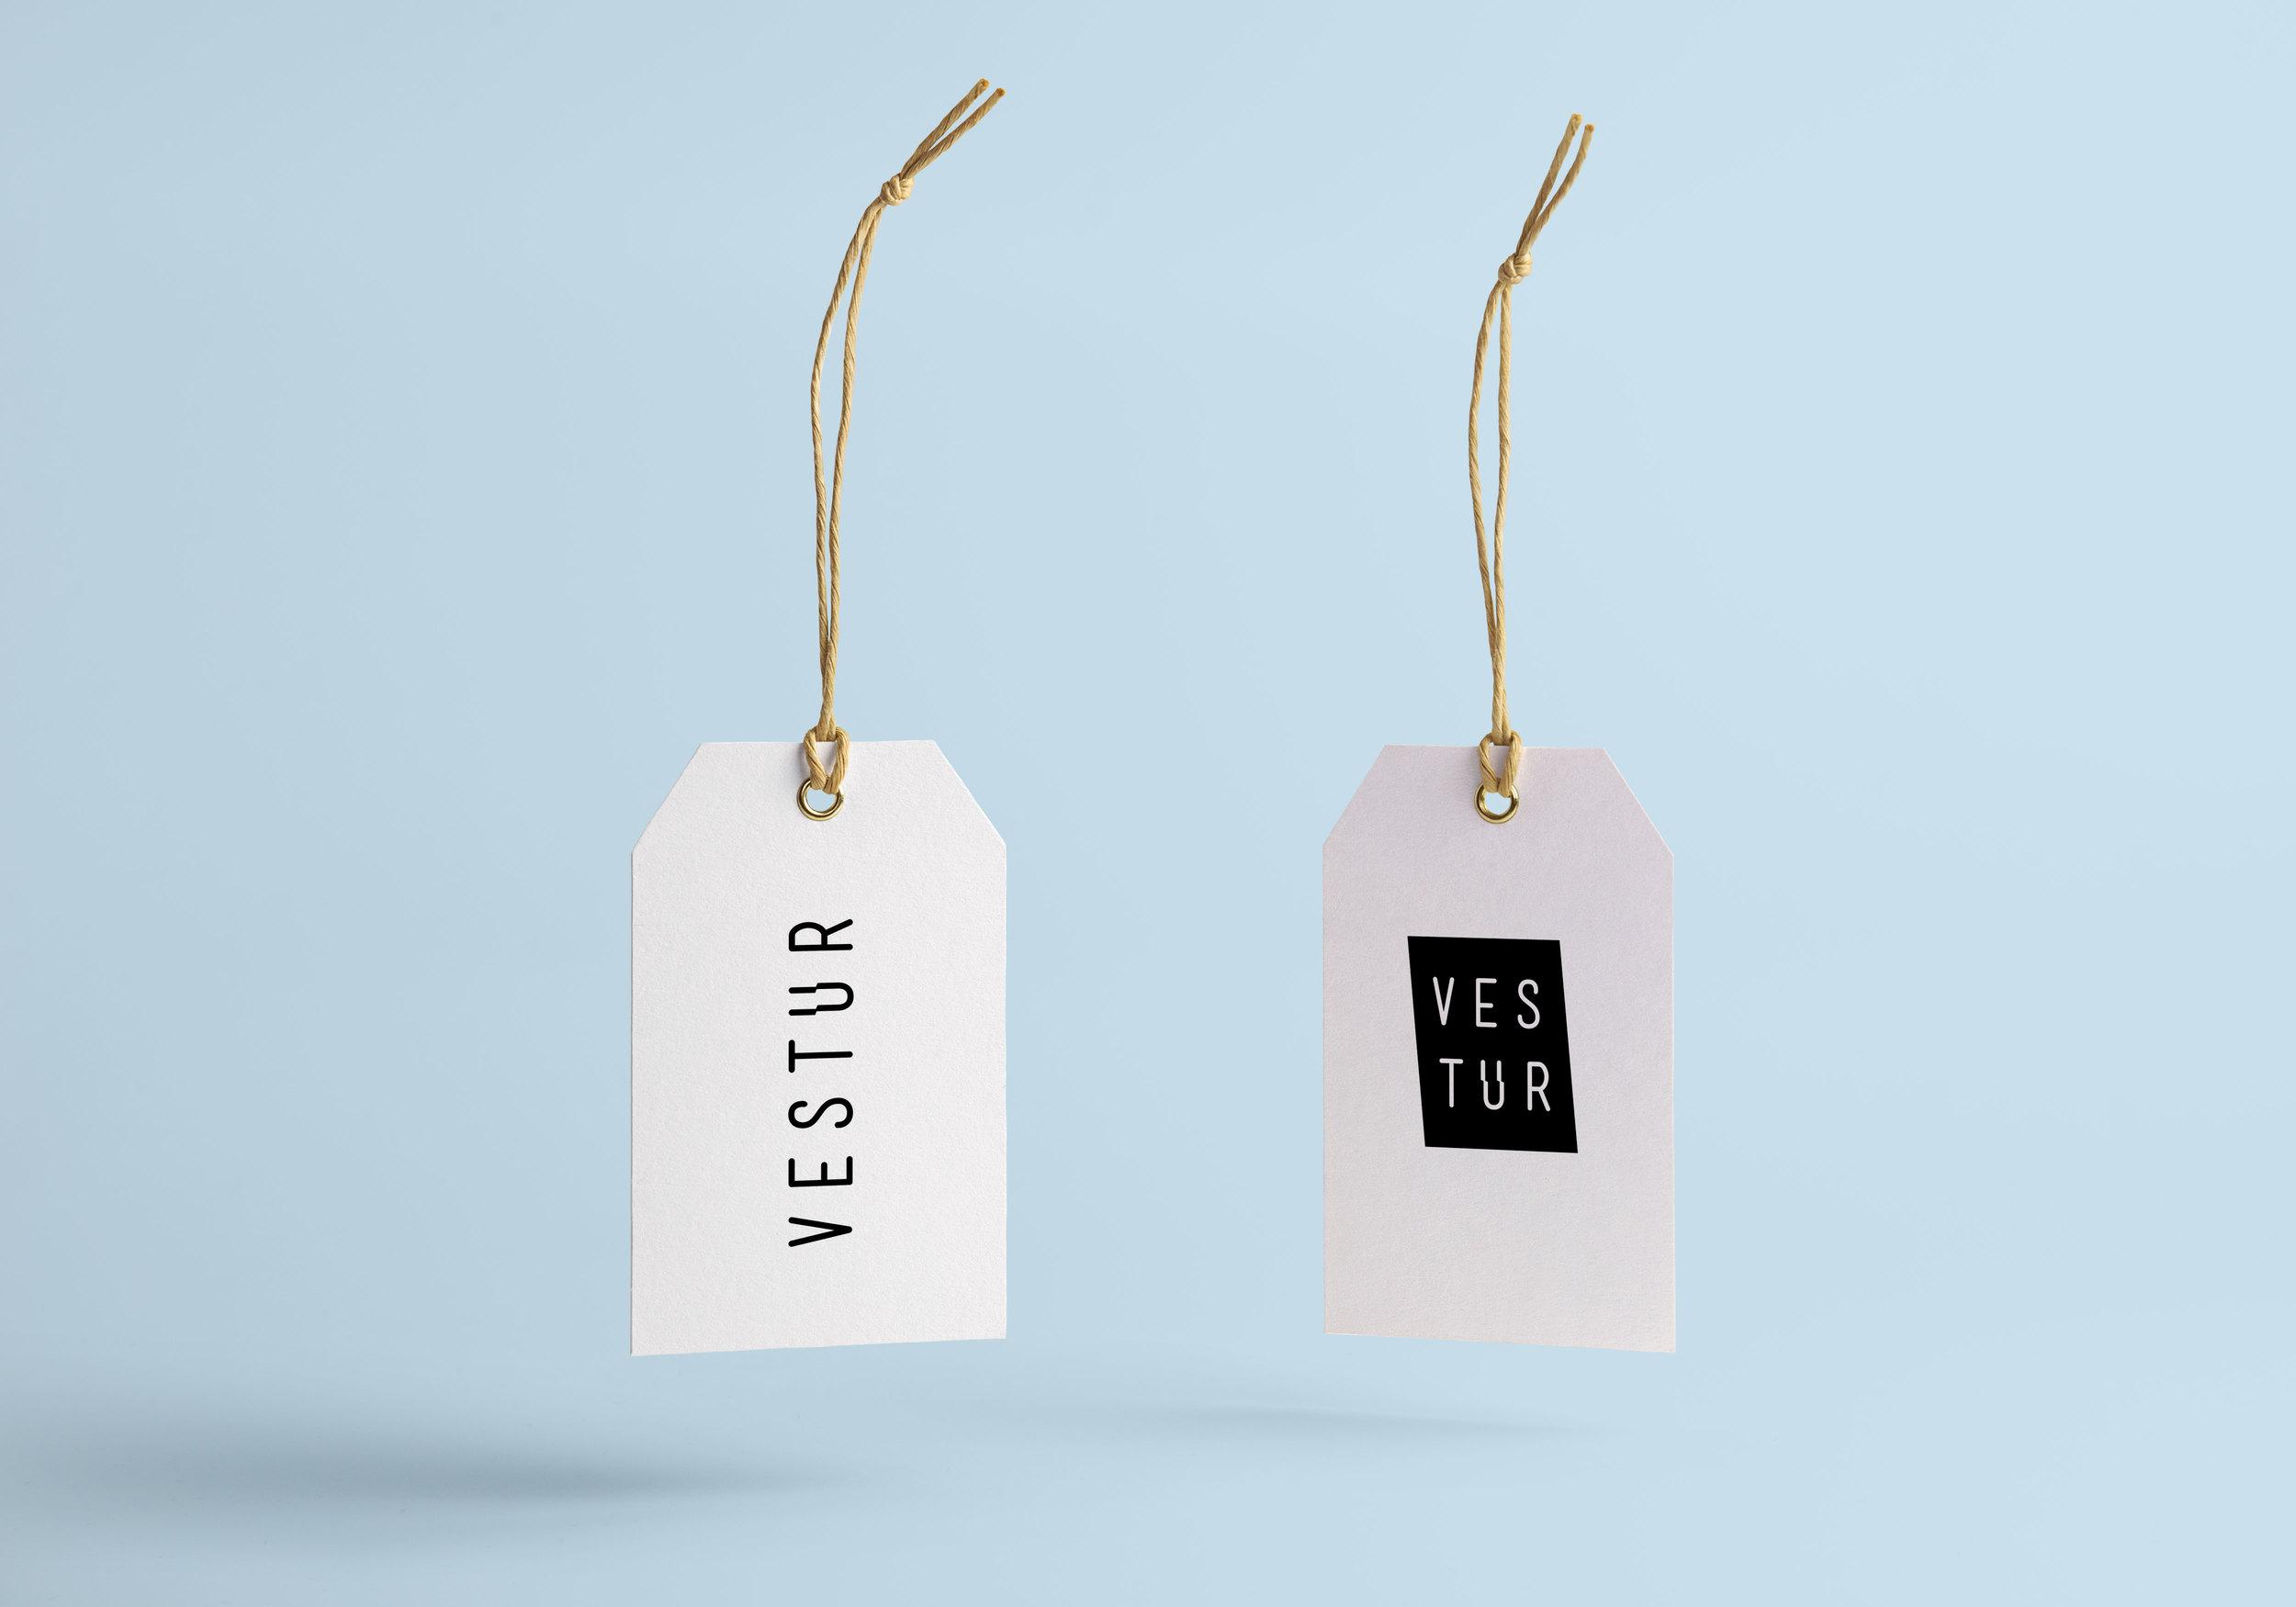 Vestur Branding Material